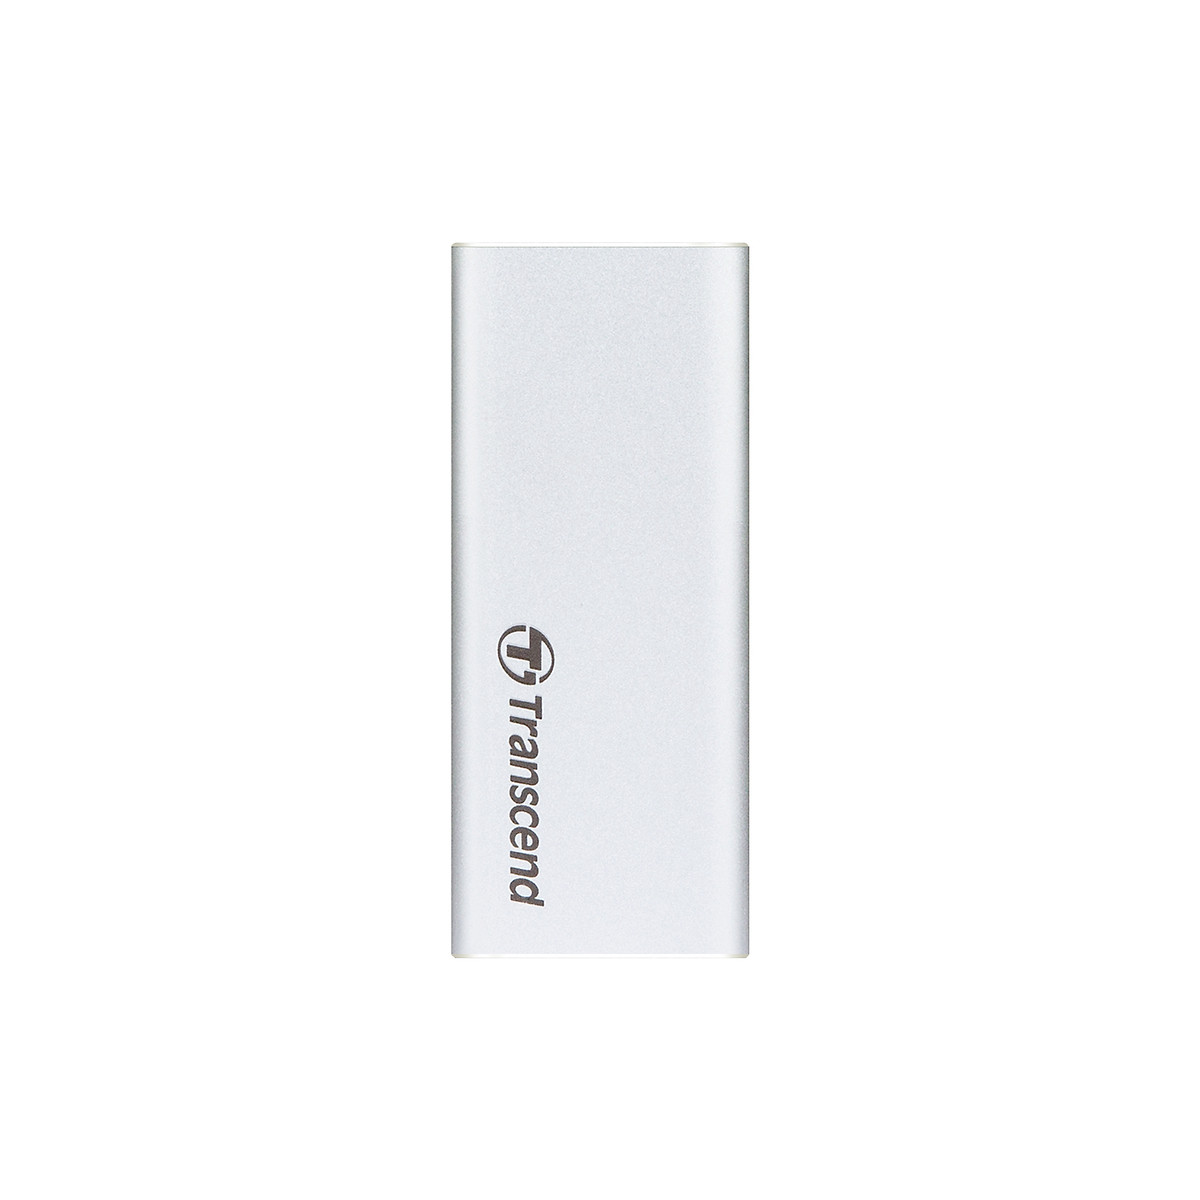 Ổ Cứng Di Động SSD Transcend ESD240C 480GB 2.5″ USB Type C – TS480GESD240C – Hàng Chính Hãng